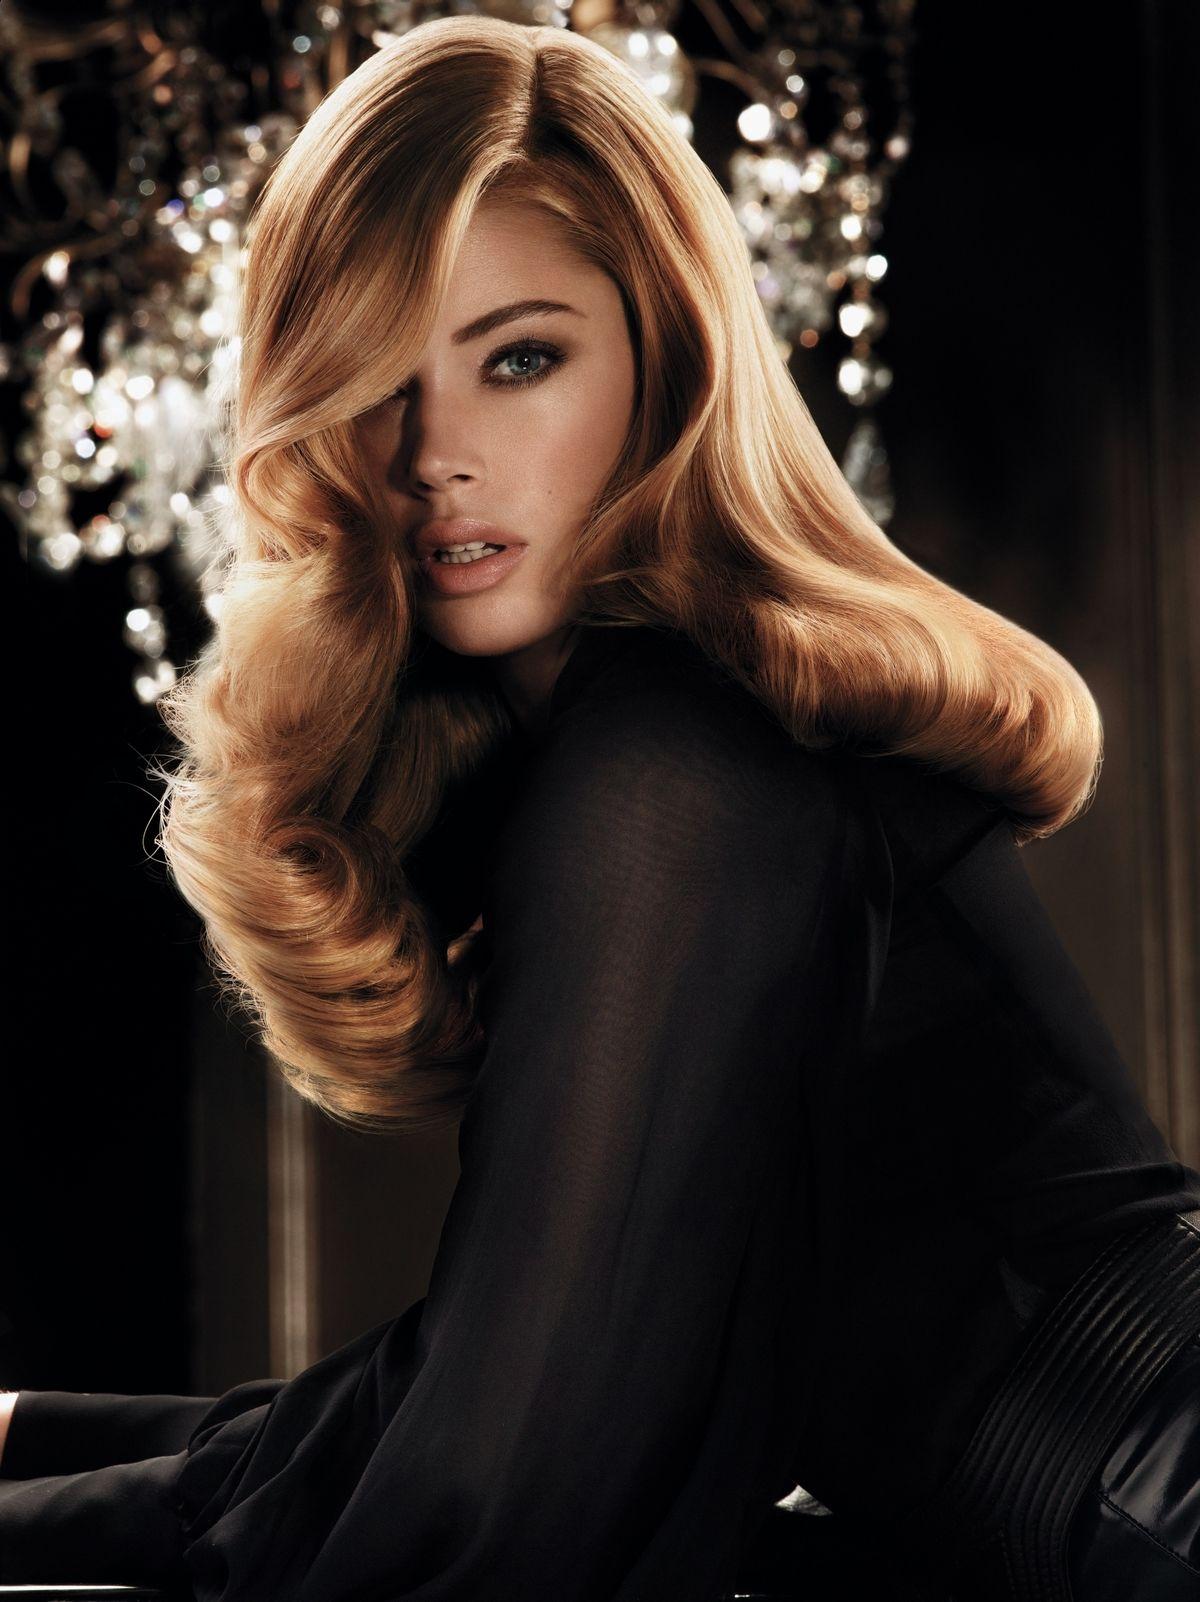 Aj po domácom farbení môžu vaše vlasy vyzerať ako z kaderníckeho salónu. Treba len vybrať vhodný produkt a odtieň, dodržiavať postup a správne vlasy ošetrovať.